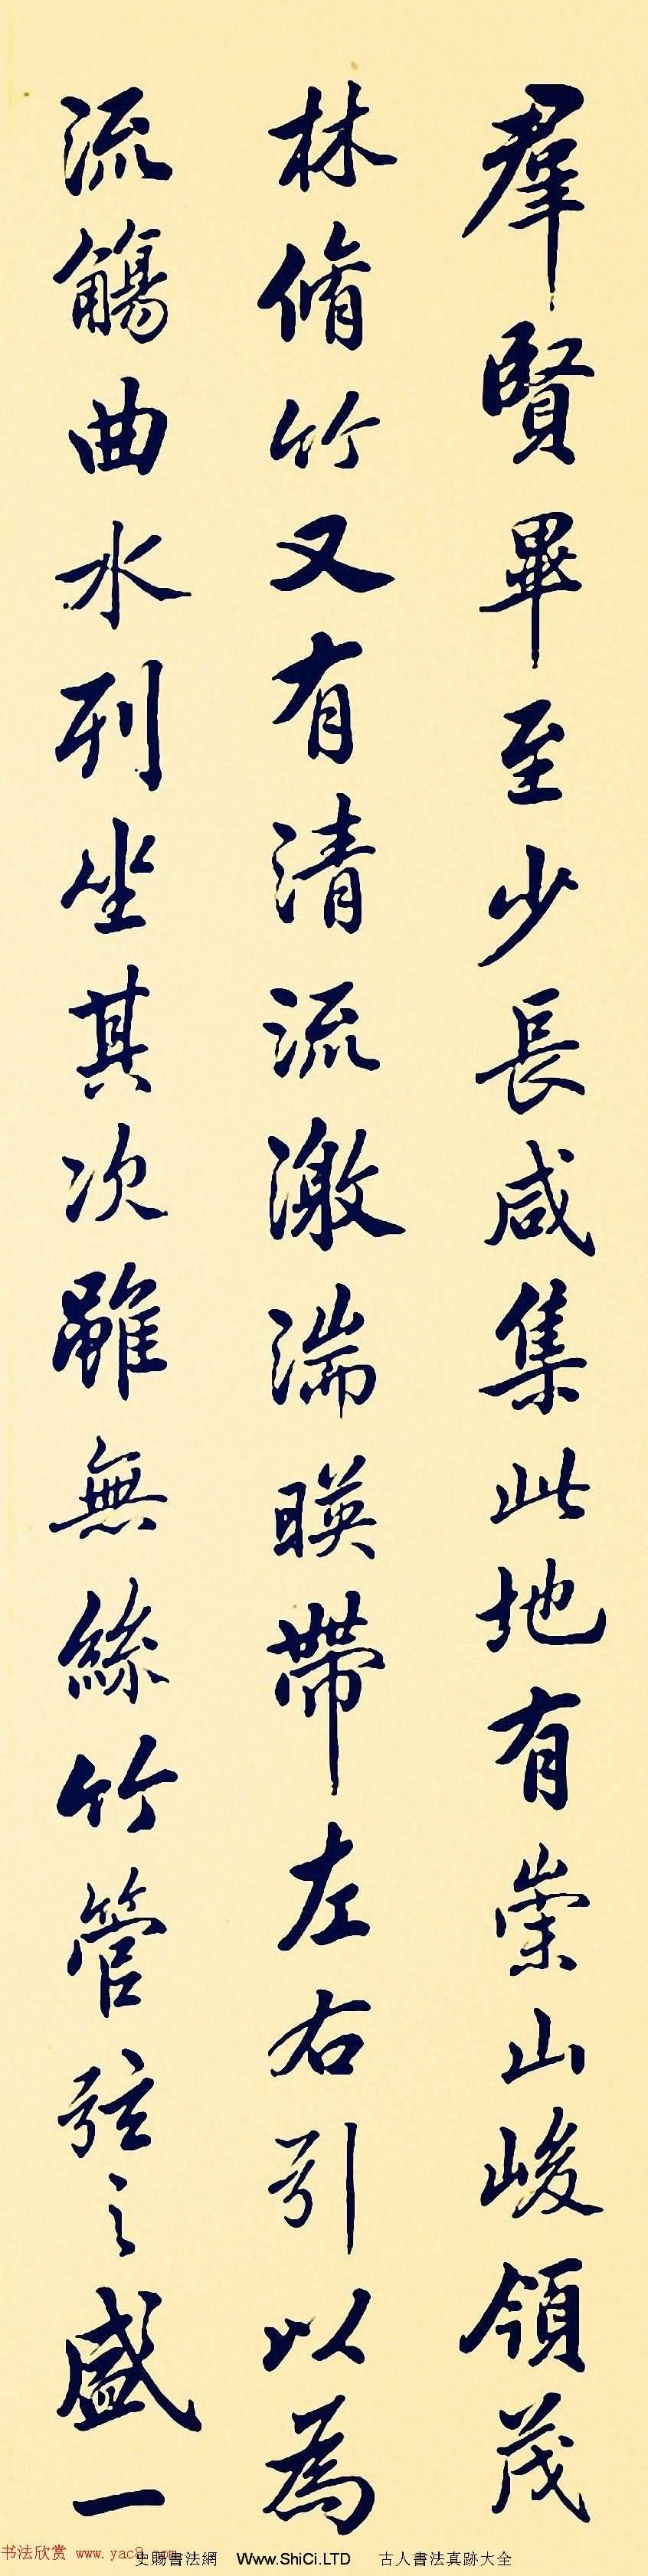 清代姚孟起行書節臨蘭亭序(共4張圖片)